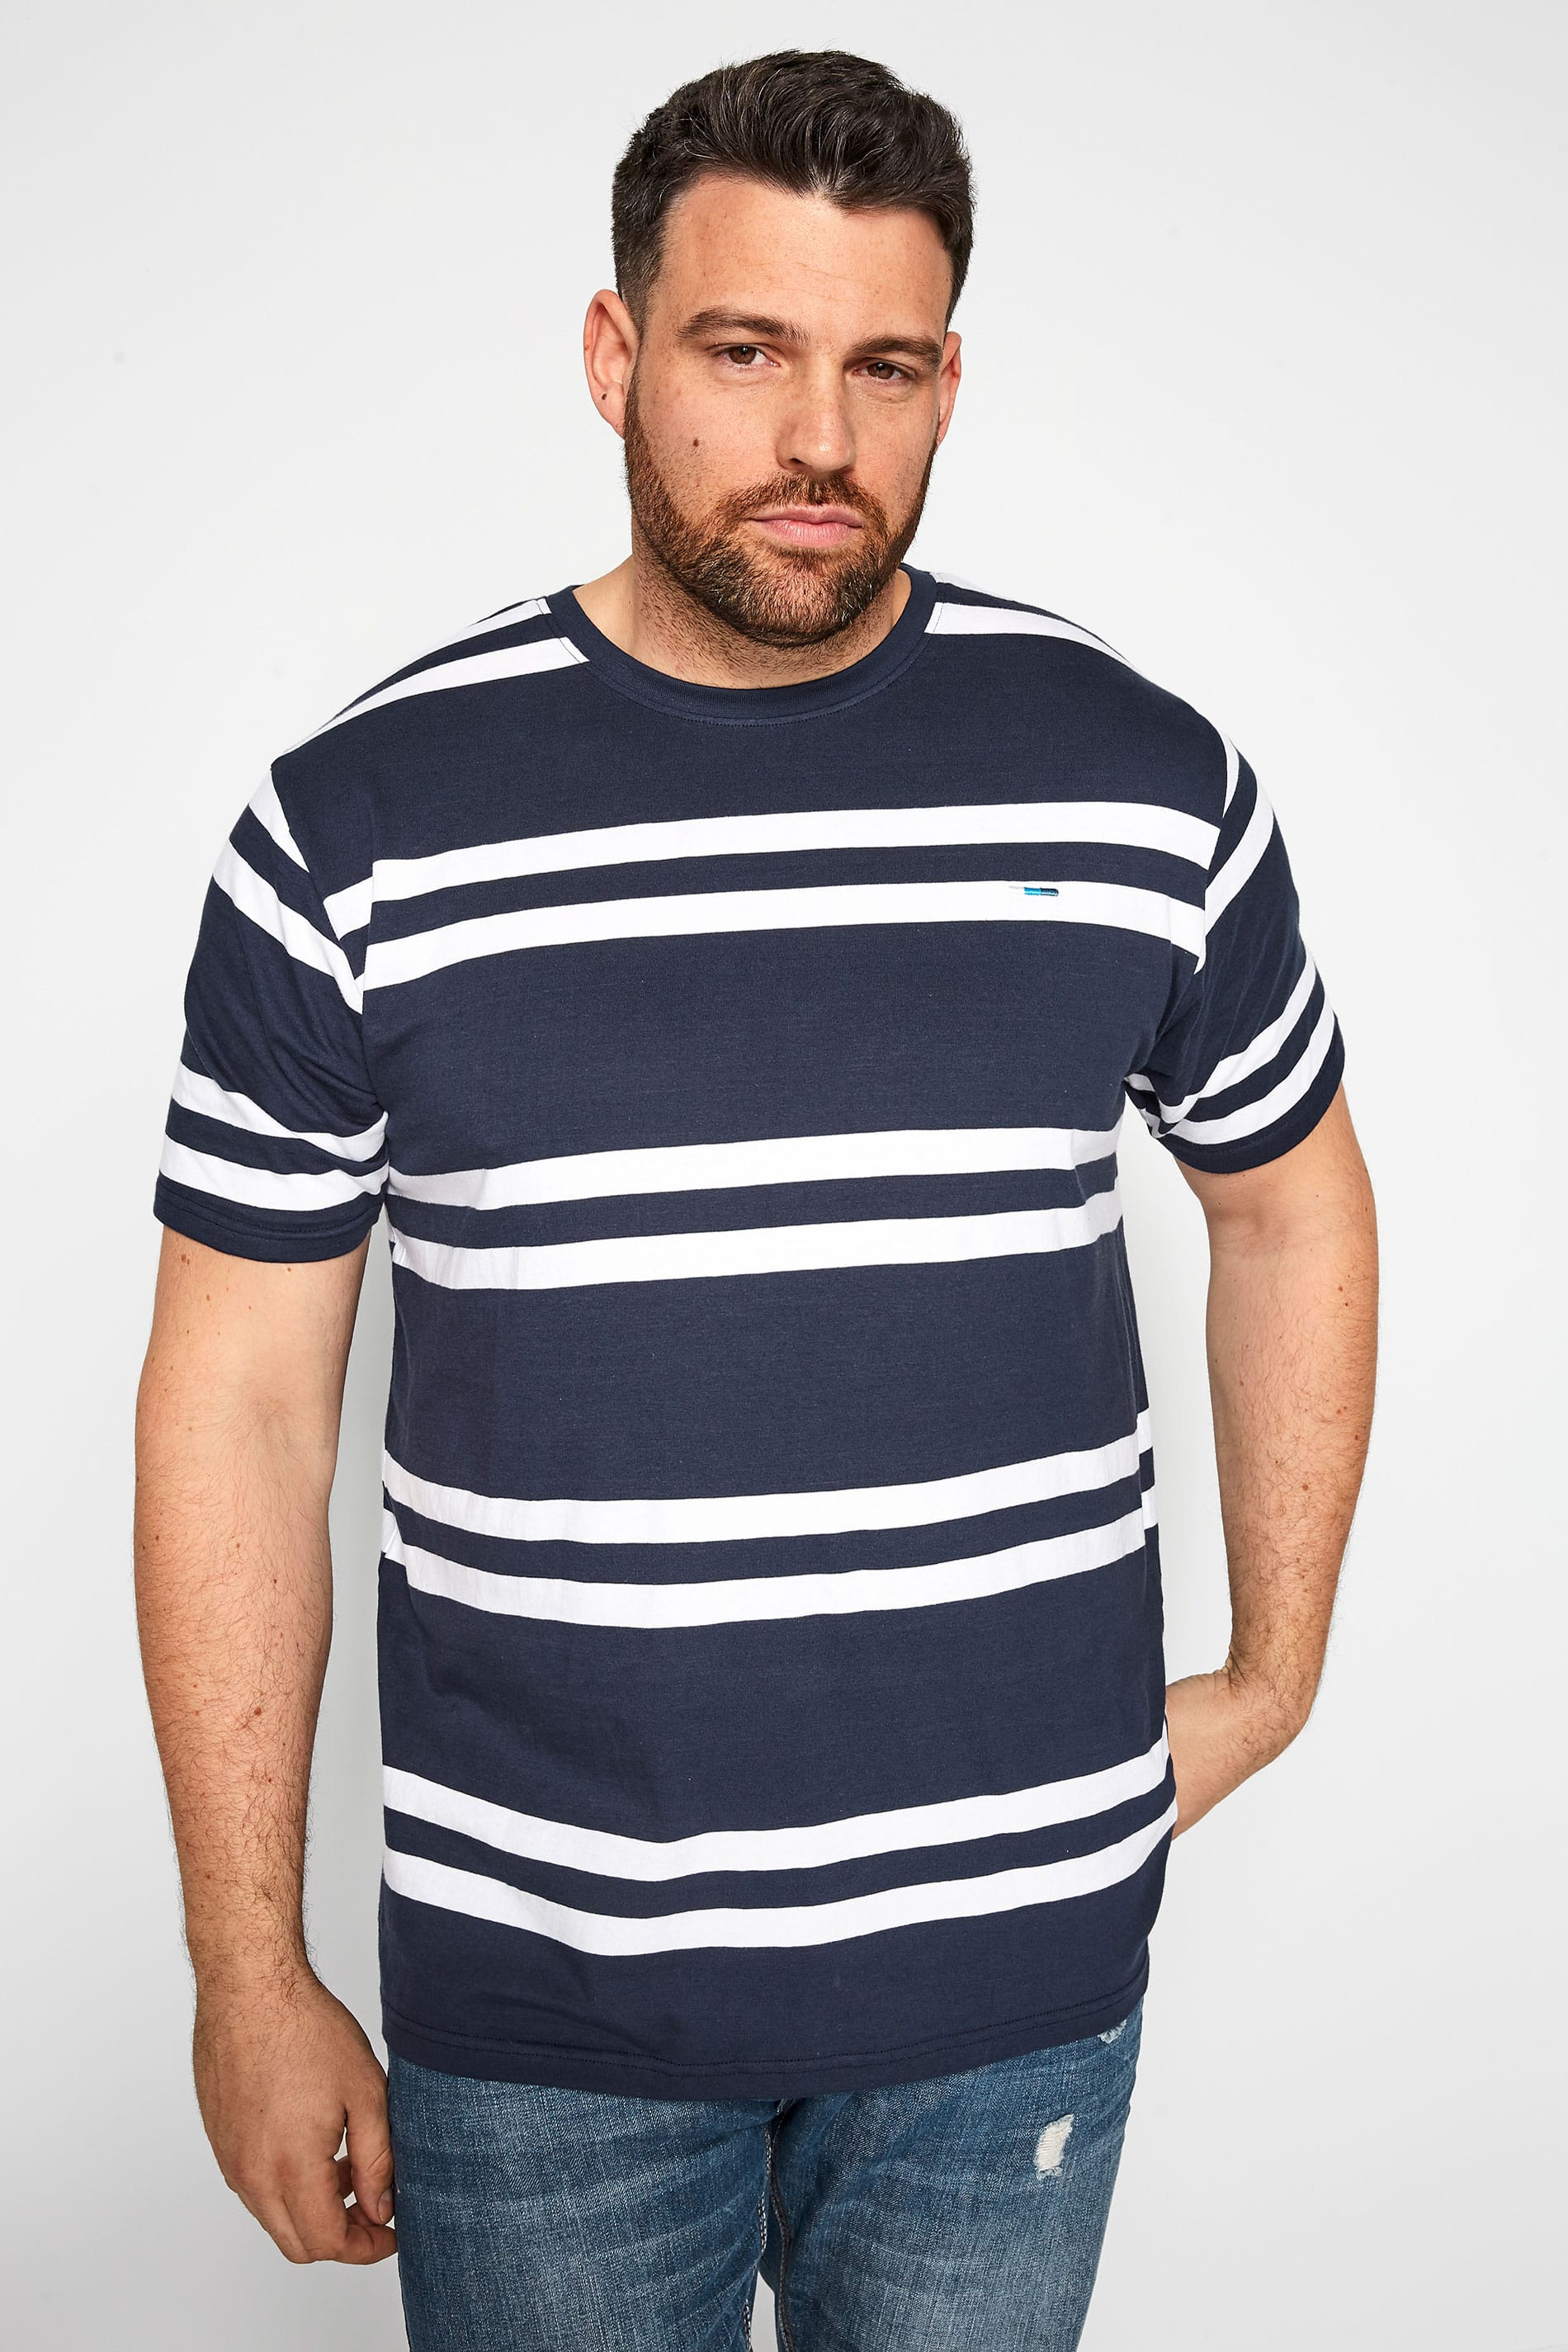 BadRhino Navy Double Stripe T-Shirt